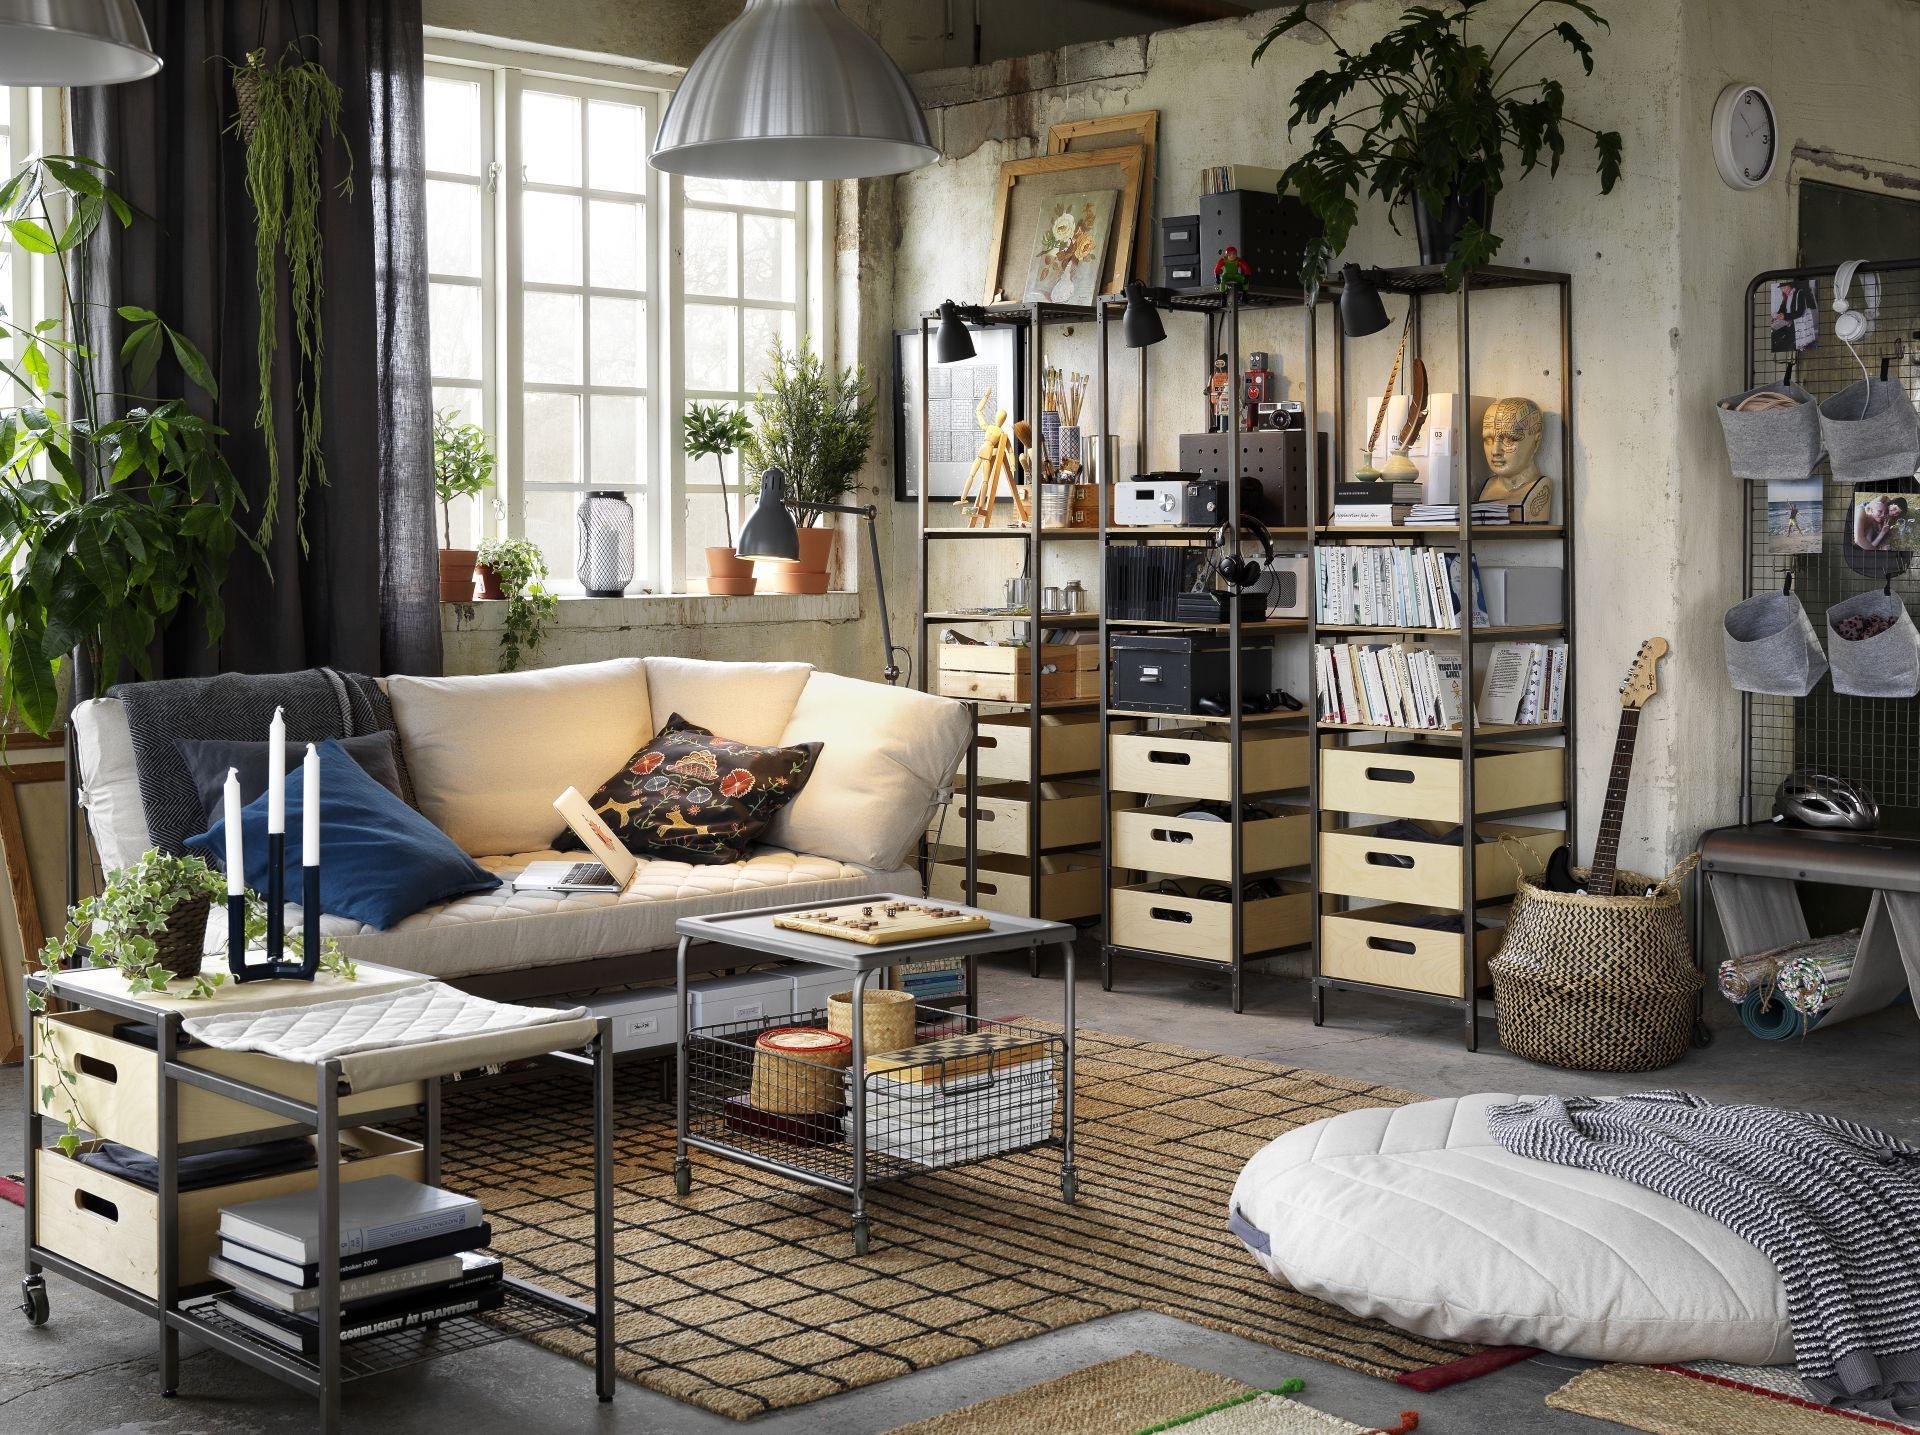 Full Size of Ikea Hack Sitzbank Esszimmer Essbank Garten Küche Kosten Bett Betten Bei 160x200 Mit Lehne Sofa Für Bad Modulküche Schlafzimmer Kaufen Schlaffunktion Wohnzimmer Ikea Hack Sitzbank Esszimmer